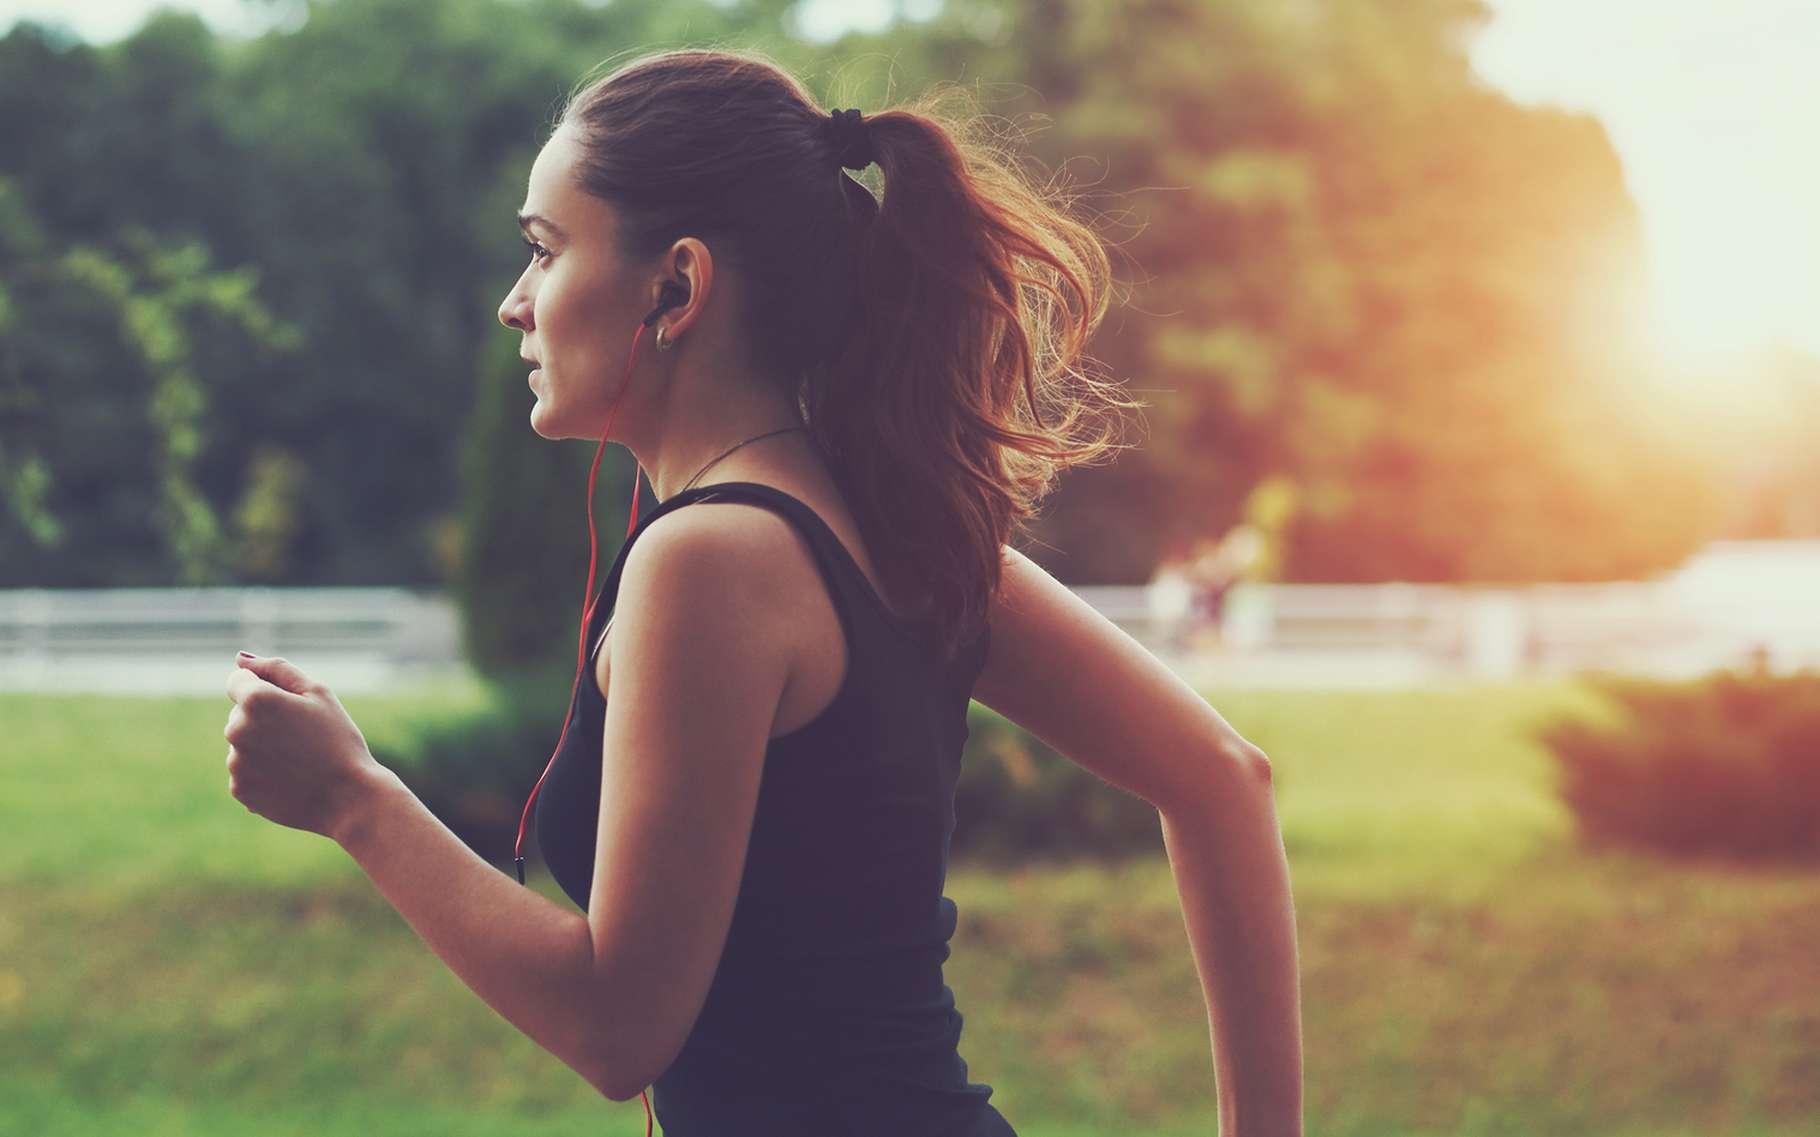 Les coureurs peuvent devenir accros au sport, physiquement et psychologiquement. © A. and I. Kruk, Shutterstock